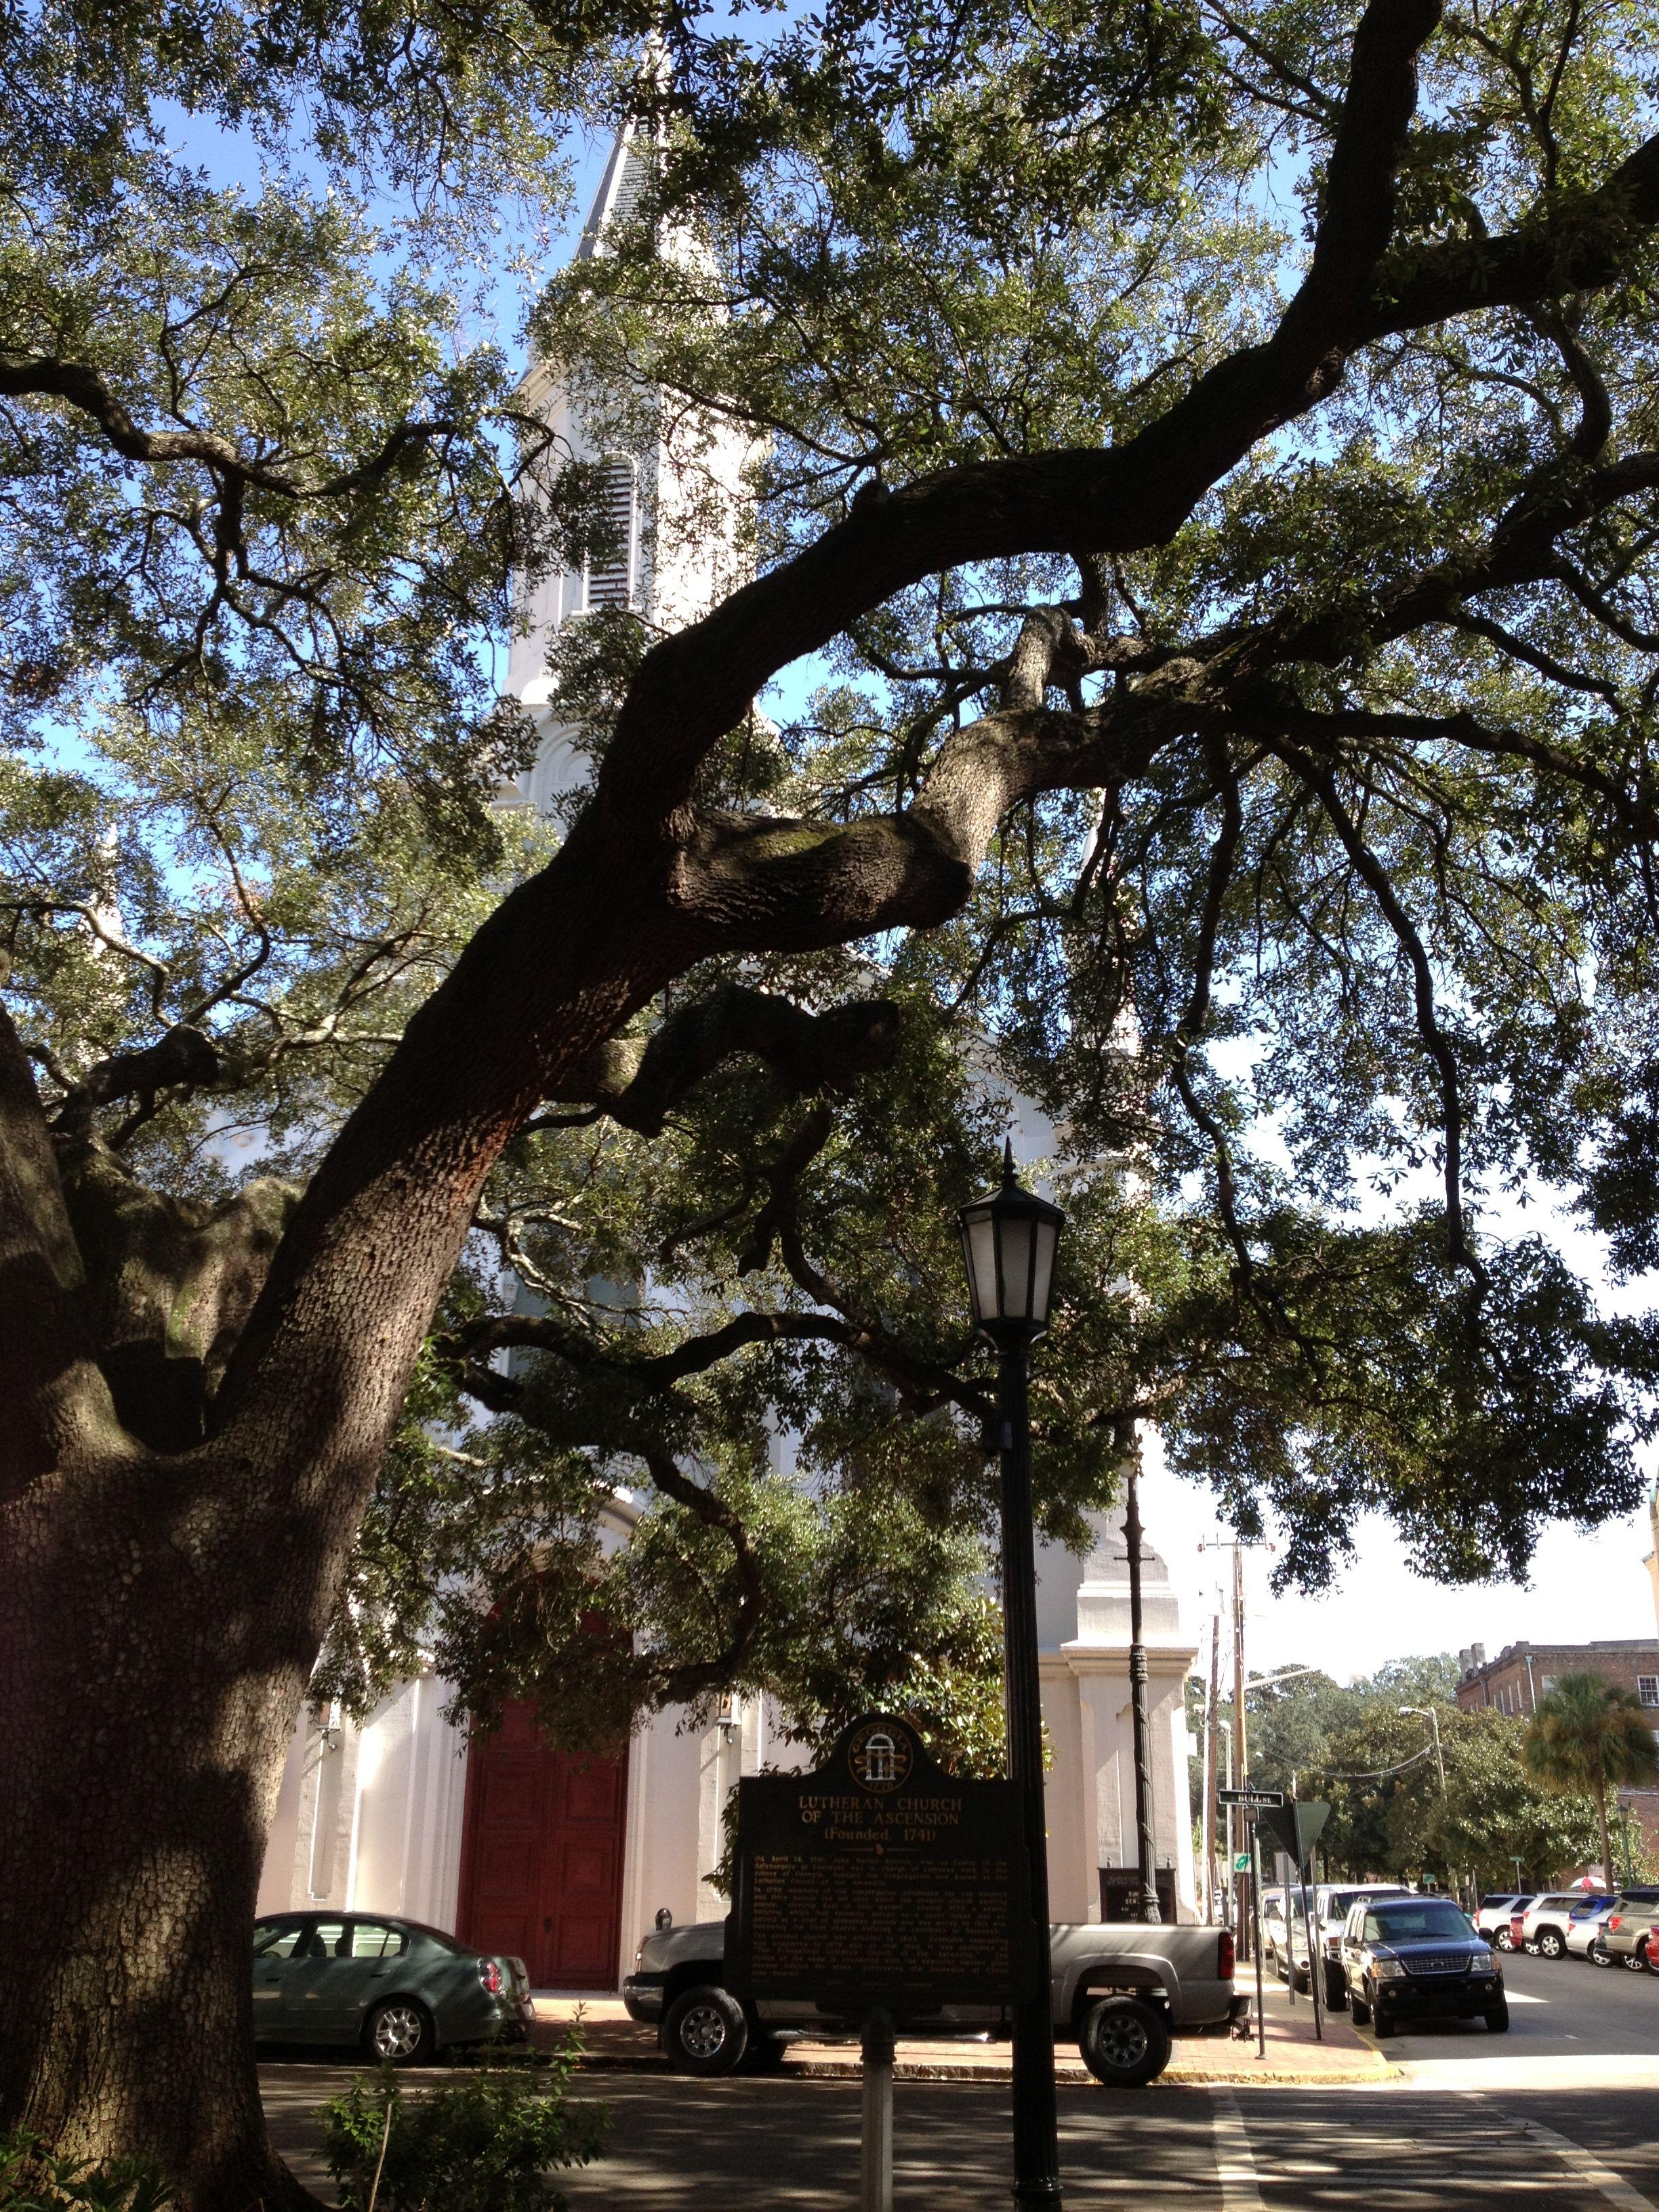 Beautiful church visible through the live oaks, Savannah, GA